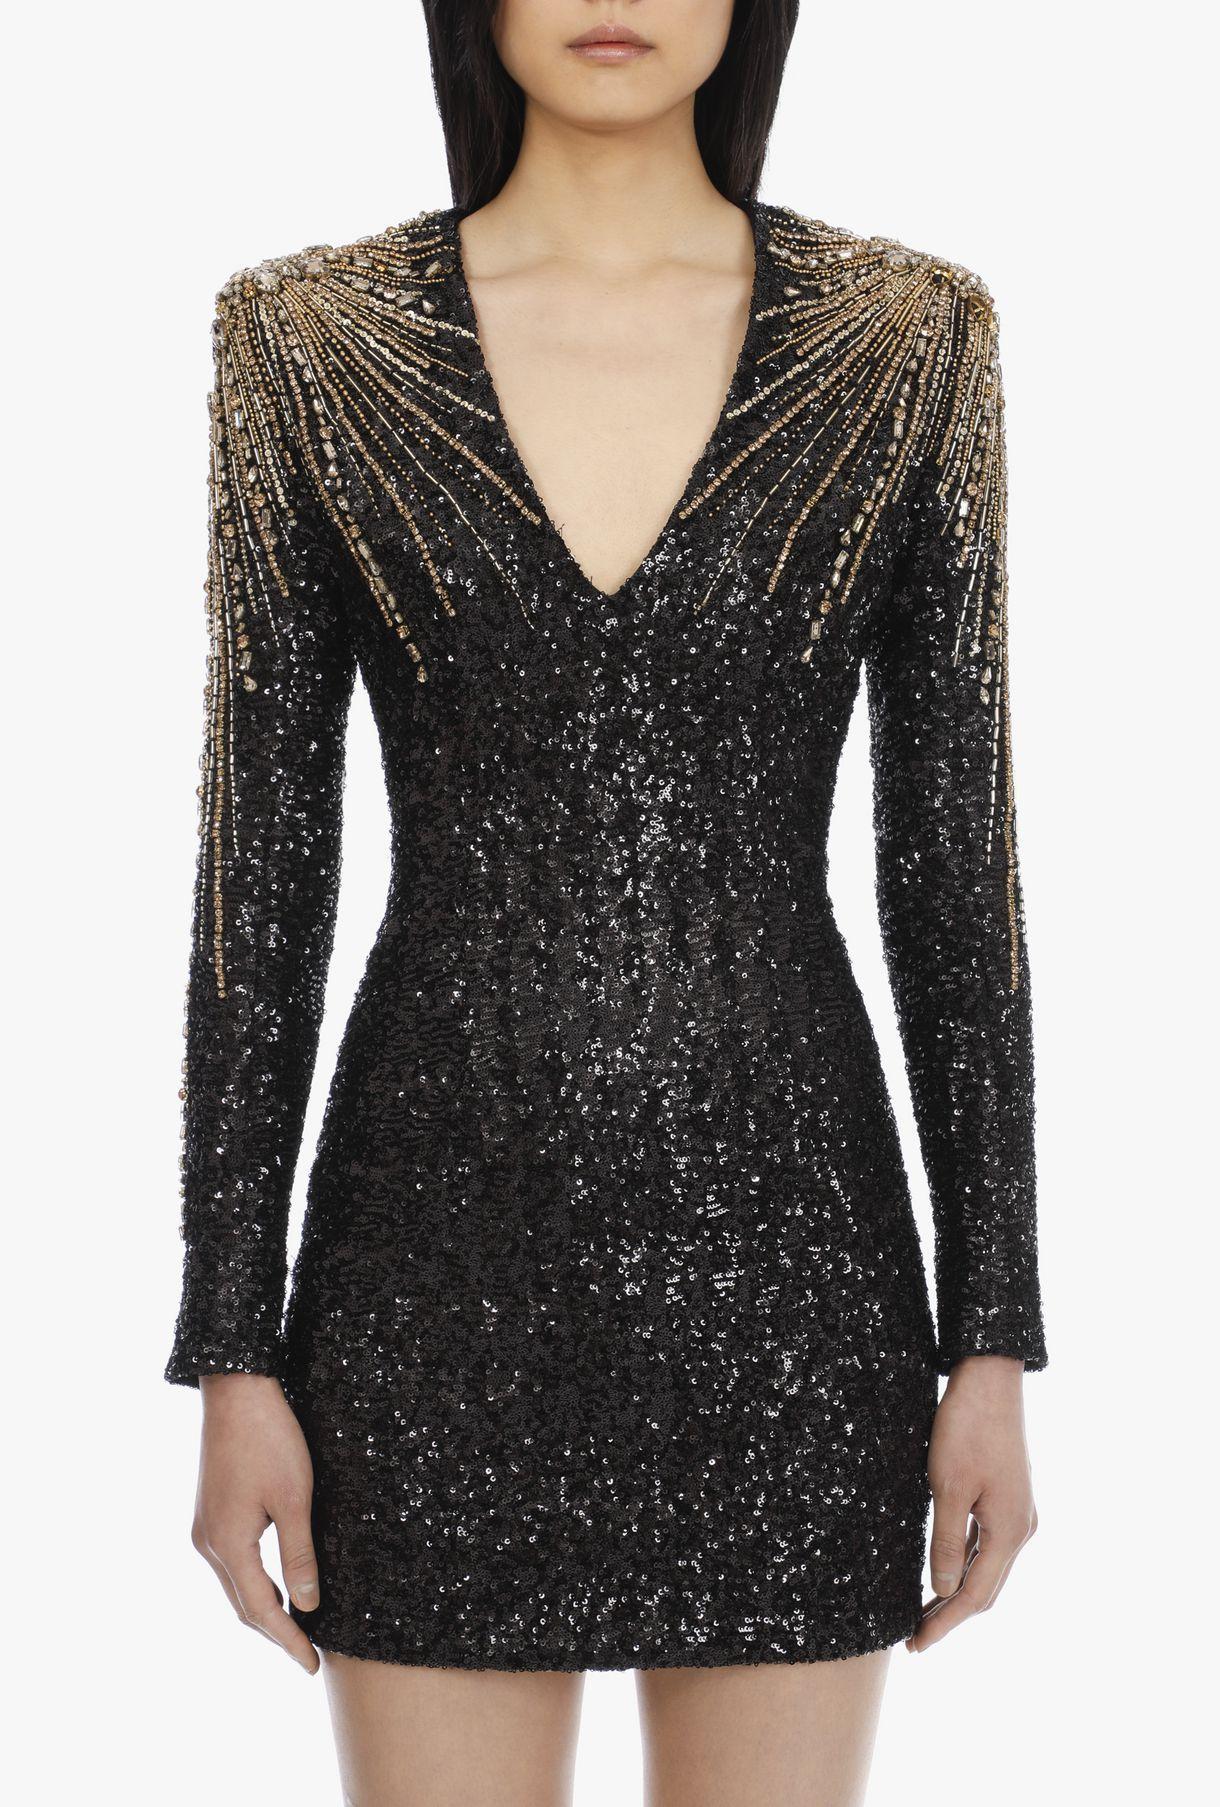 kurzes paillettenkleid in schwarz, gold und silber für für